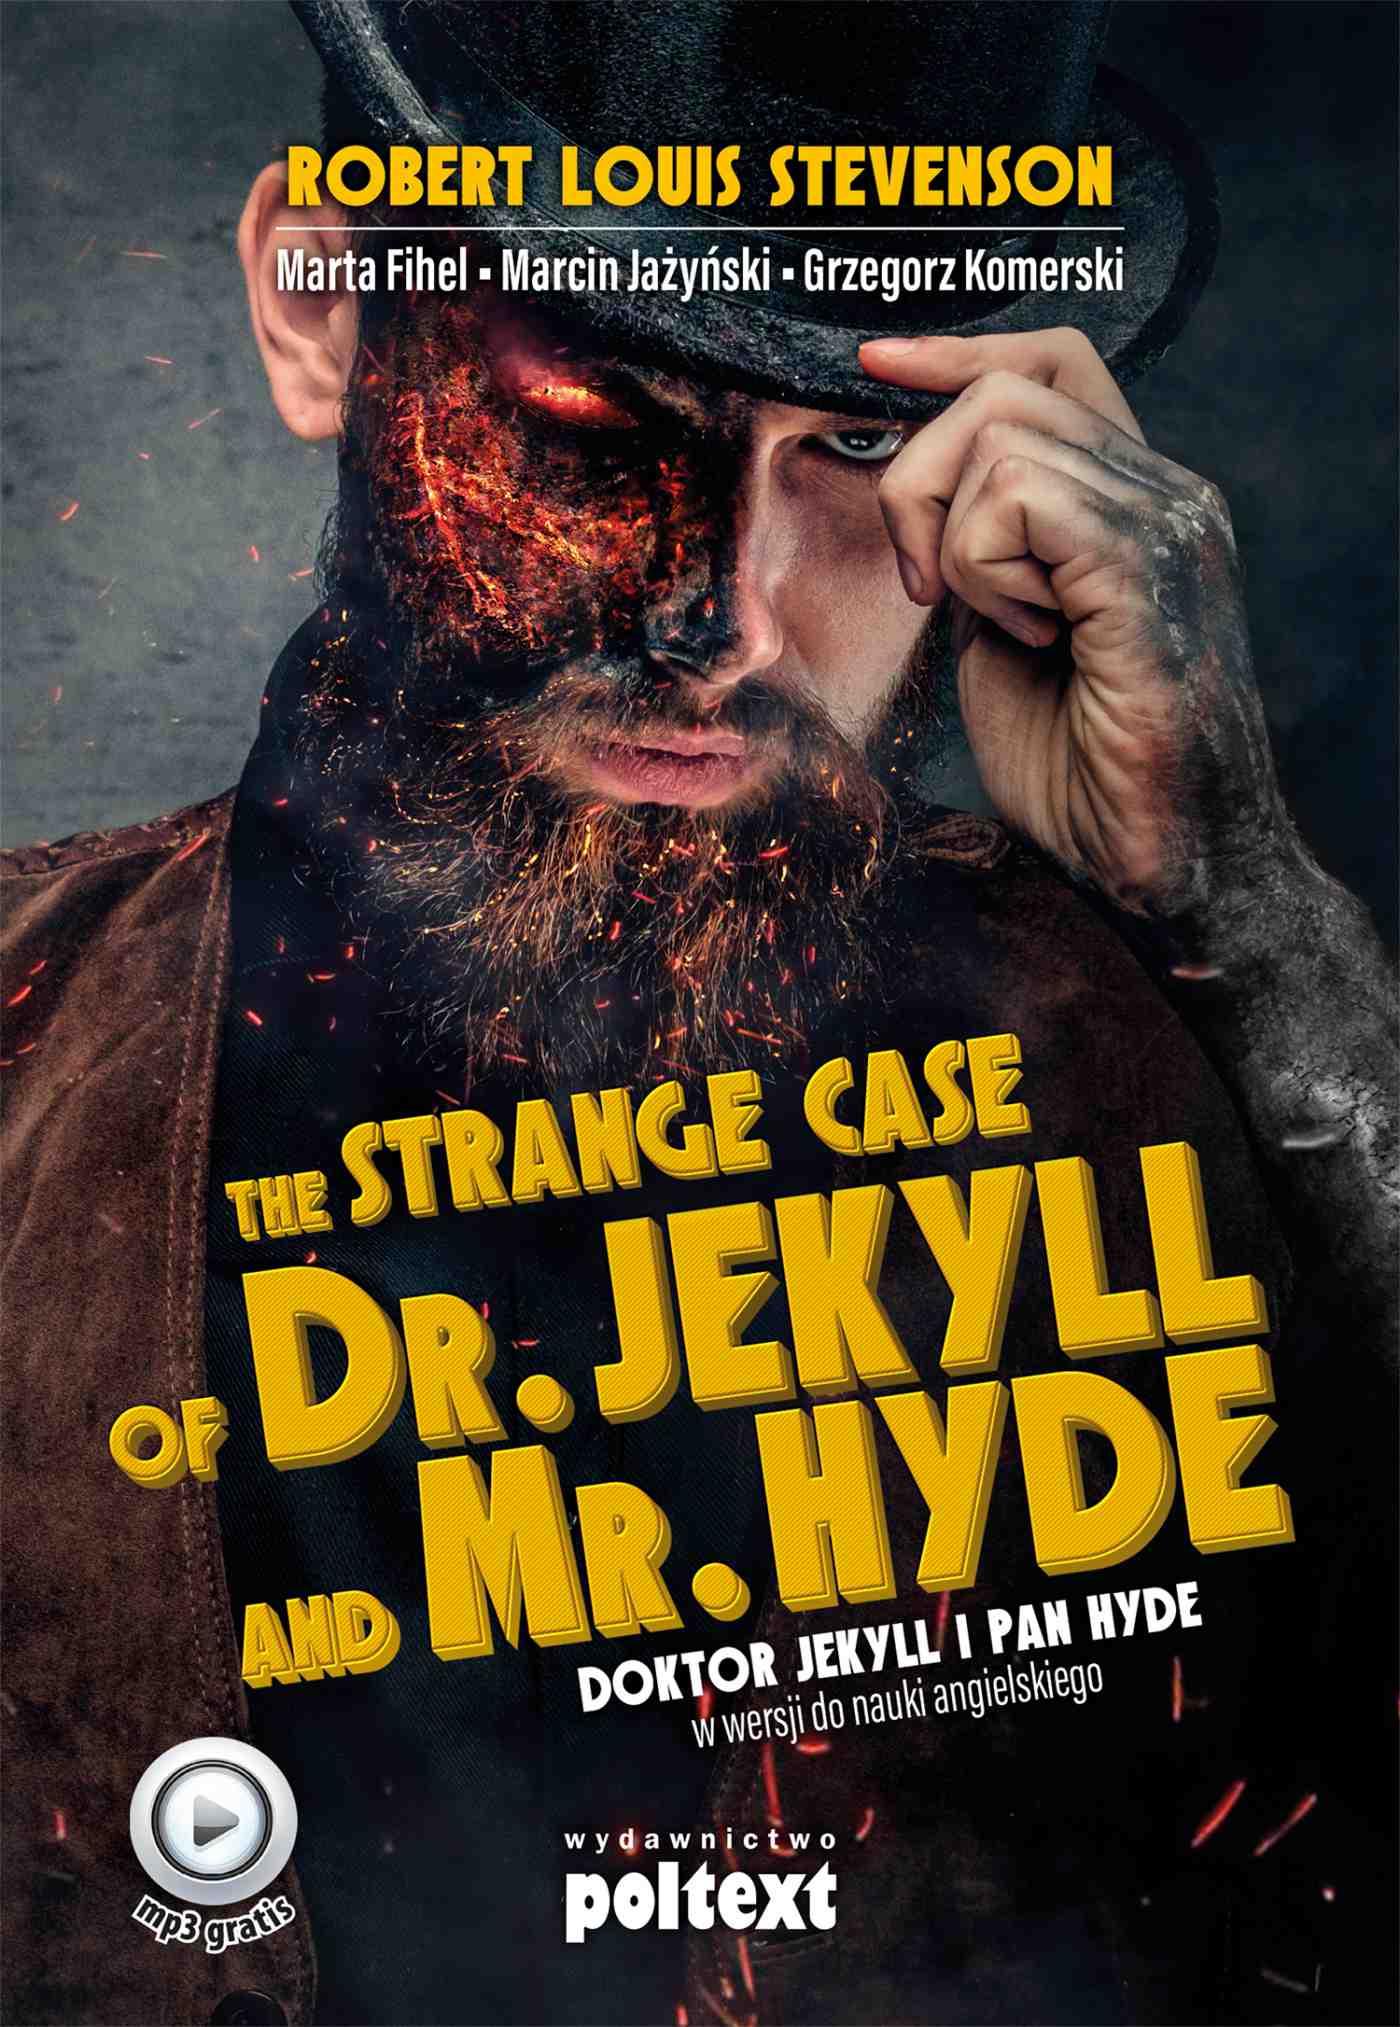 The Strange Case of Dr. Jekyll and Mr. Hyde. Doktor Jekyll i Pan Hyde w wersji do nauki angielskiego - Ebook (Książka na Kindle) do pobrania w formacie MOBI